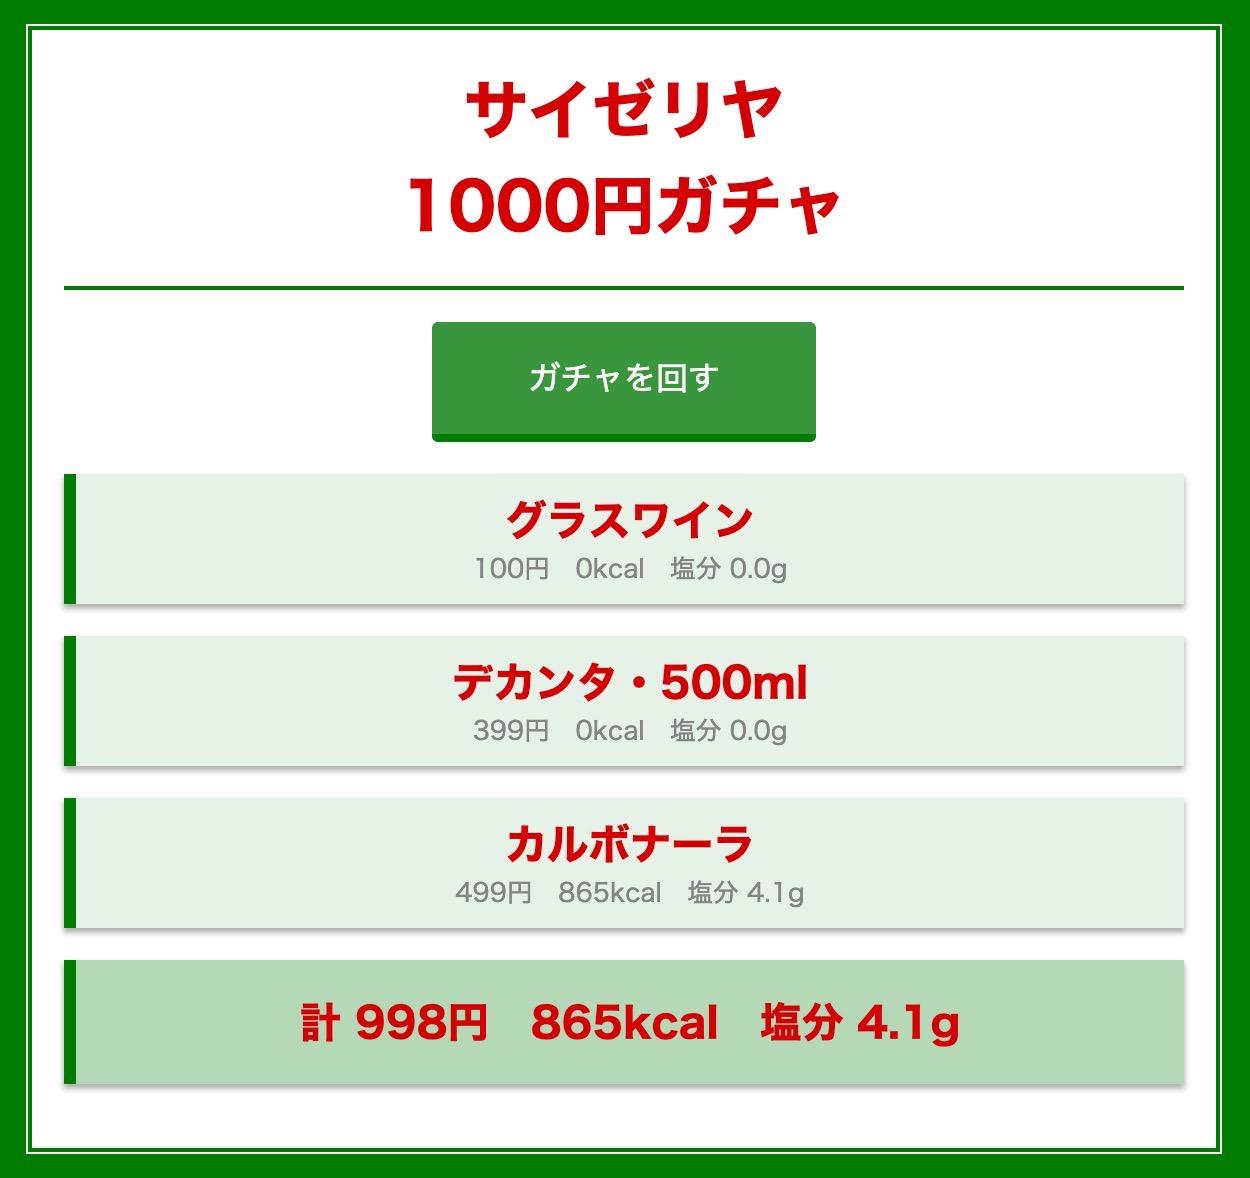 「サイゼリヤ 1000円ガチャ」3